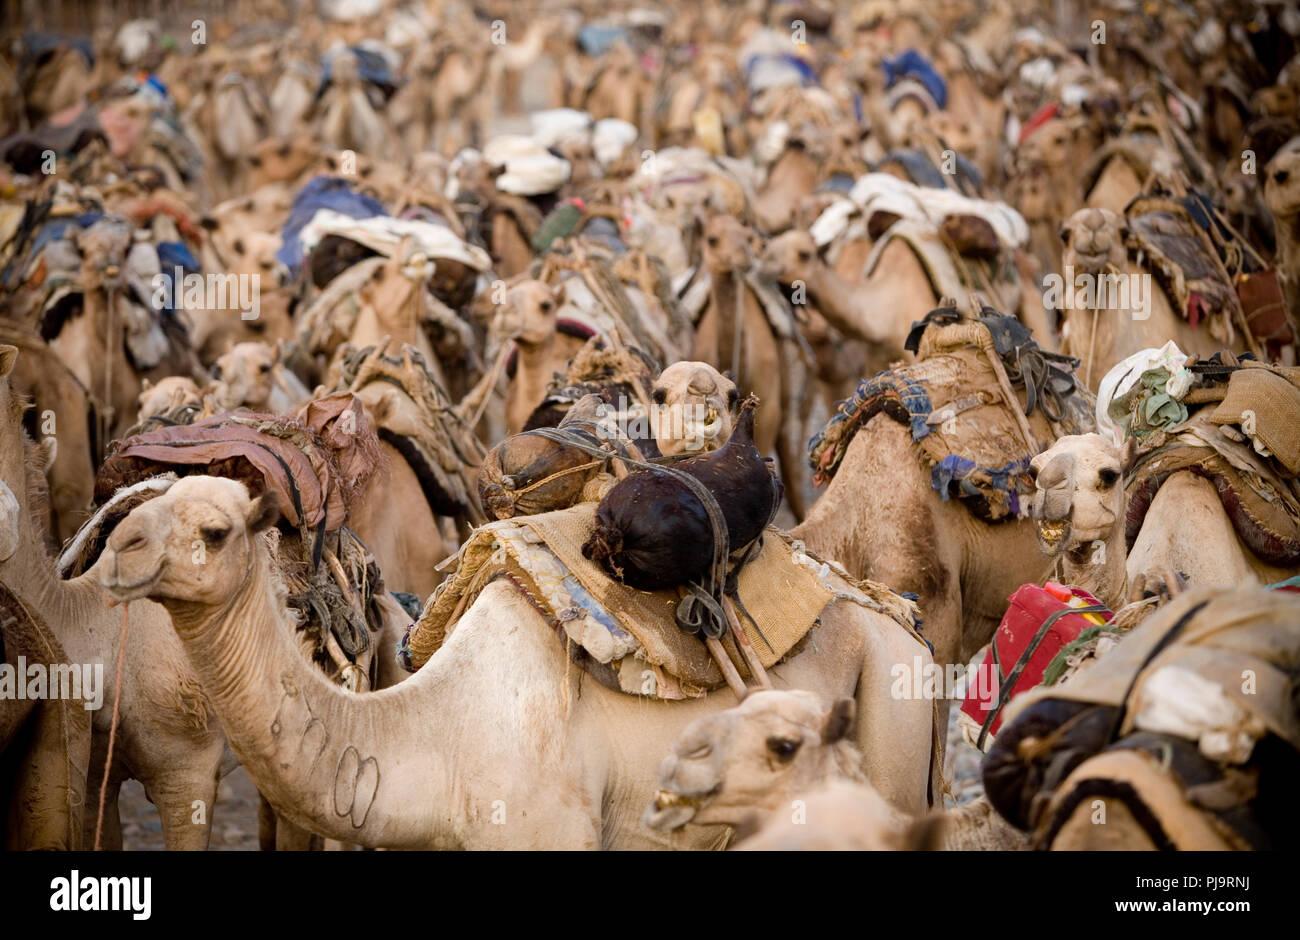 Un cammello caravan viaggi al Danakil depressione per la raccolta del sale, l'Etiopia settentrionale, 3 giugno 2010. Immagini Stock